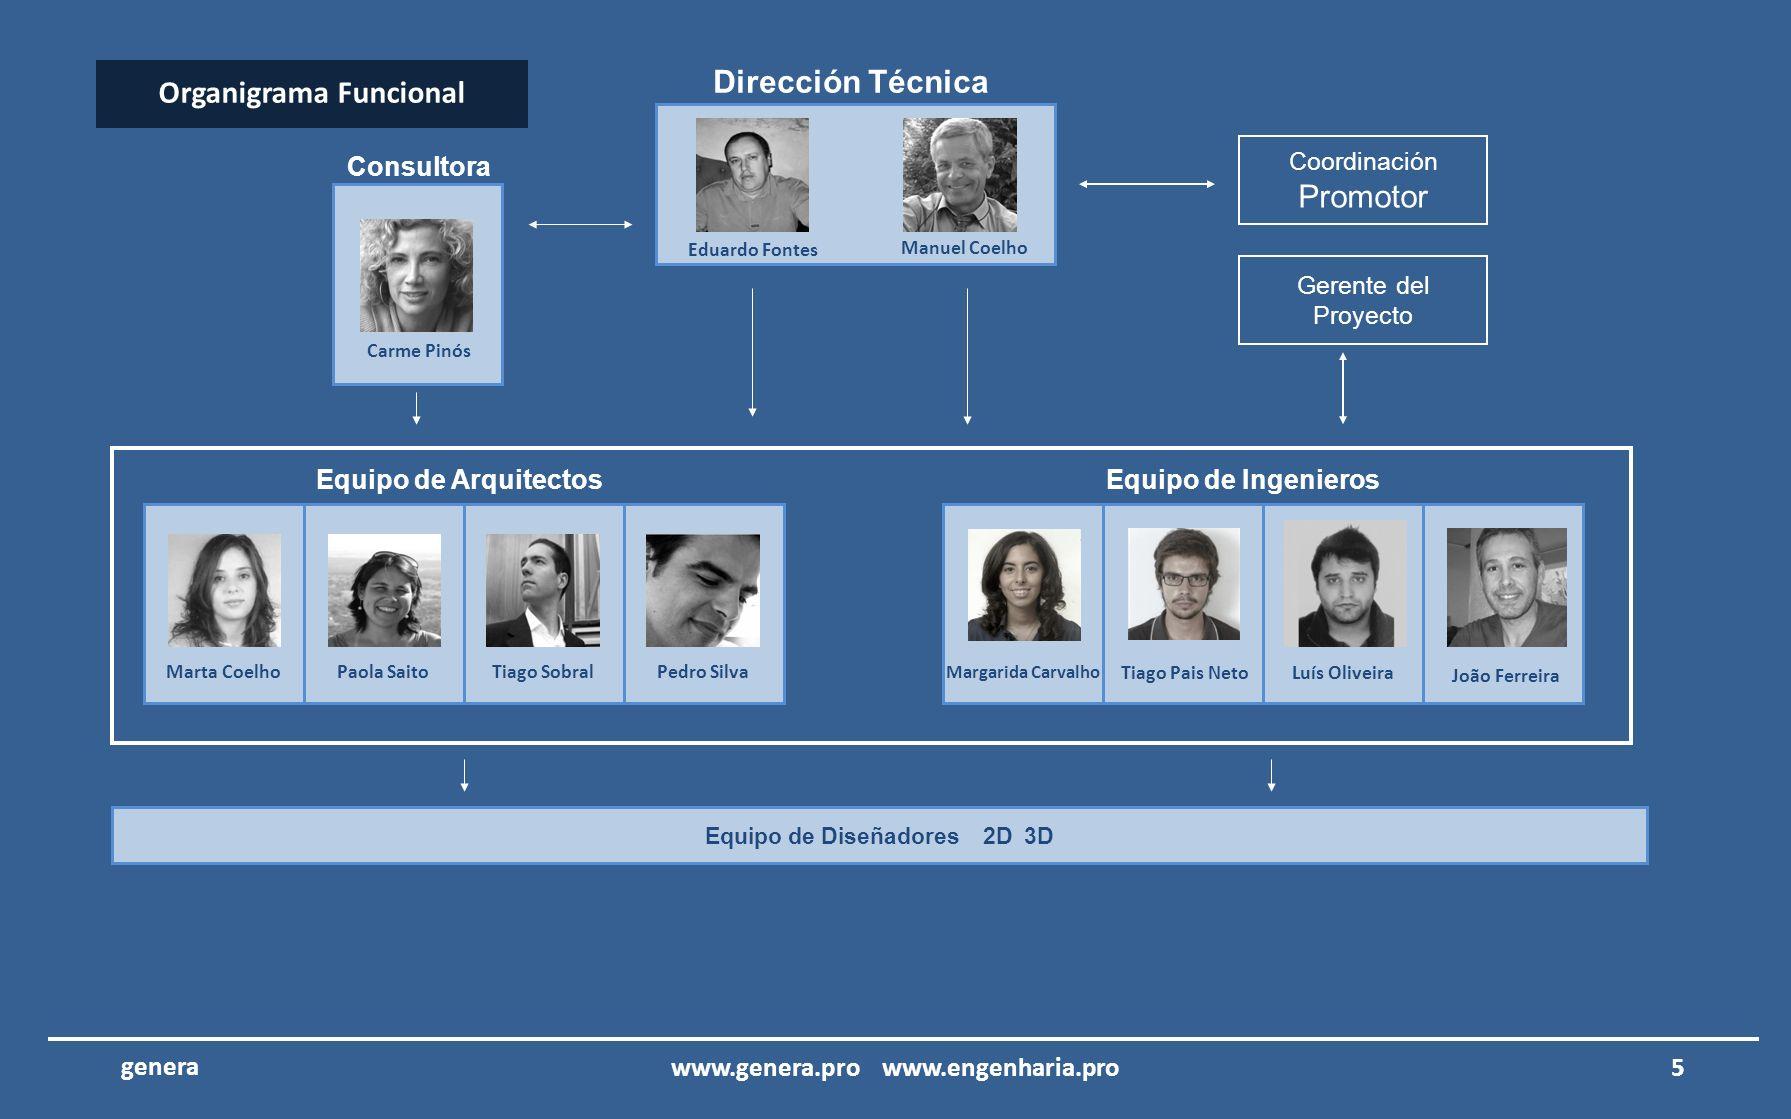 Organigrama Funcional Dirección Técnica